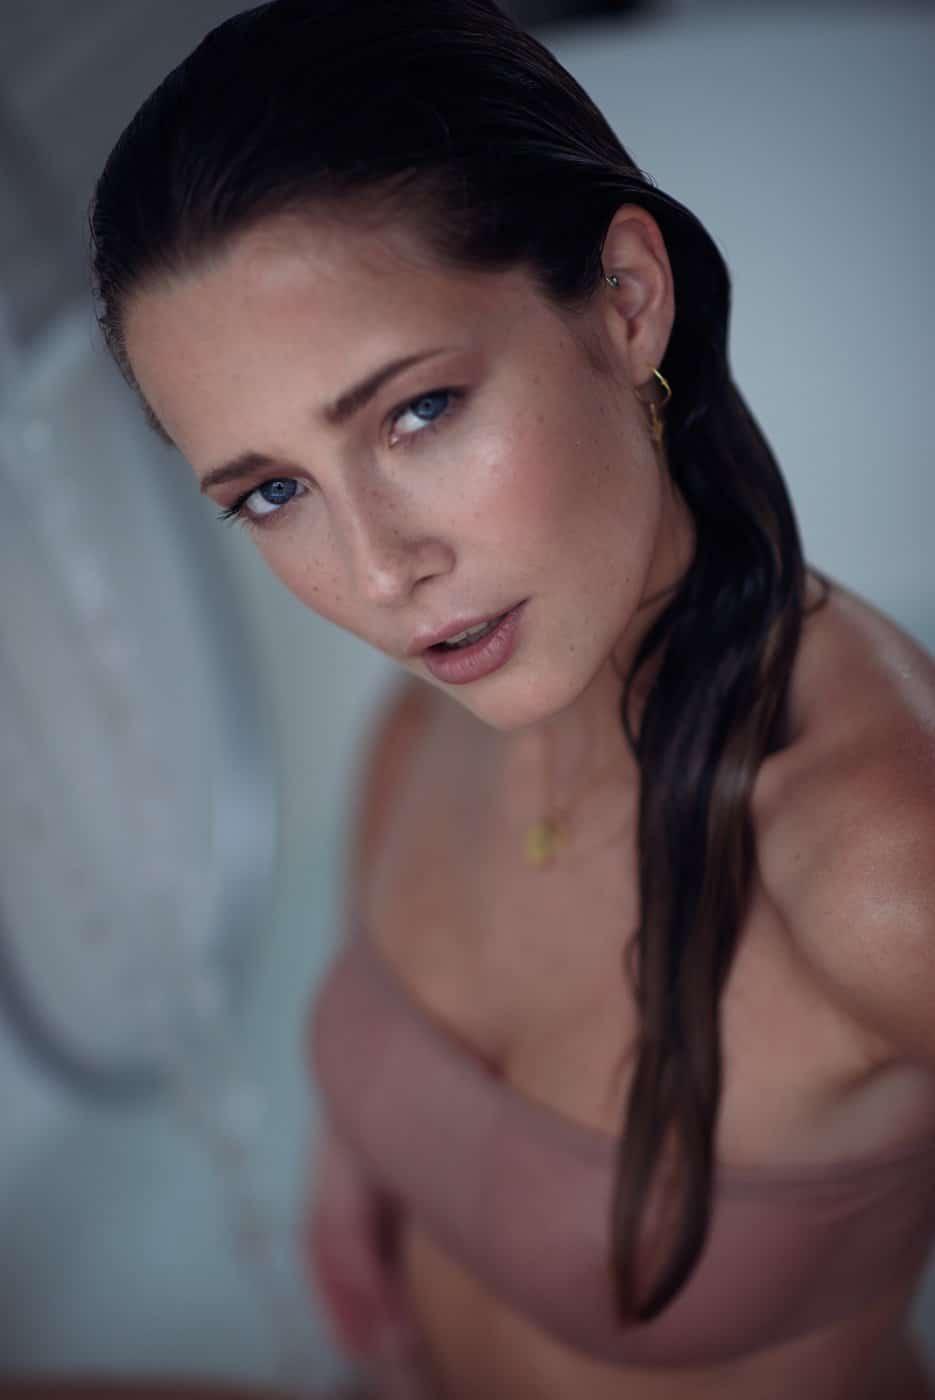 Portrait Photography By Anastasia Vervueren Lingerie Thermes De Kain